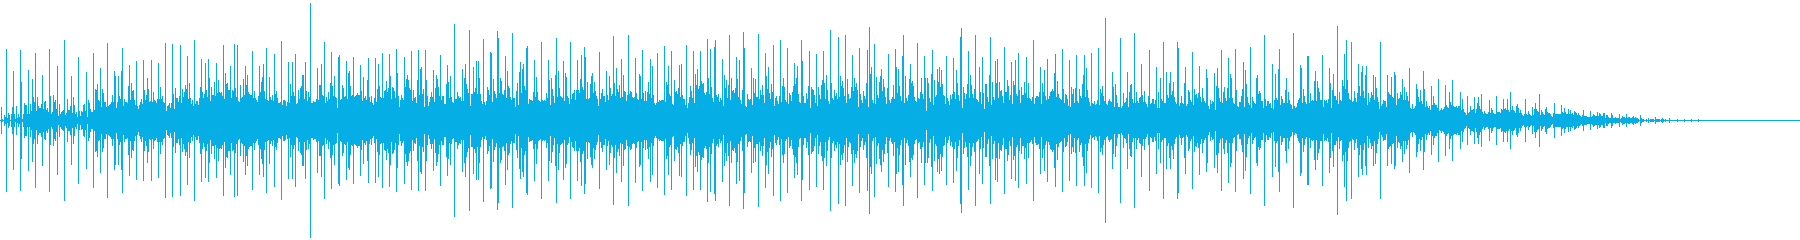 アコギによるブルースの再生済みの波形